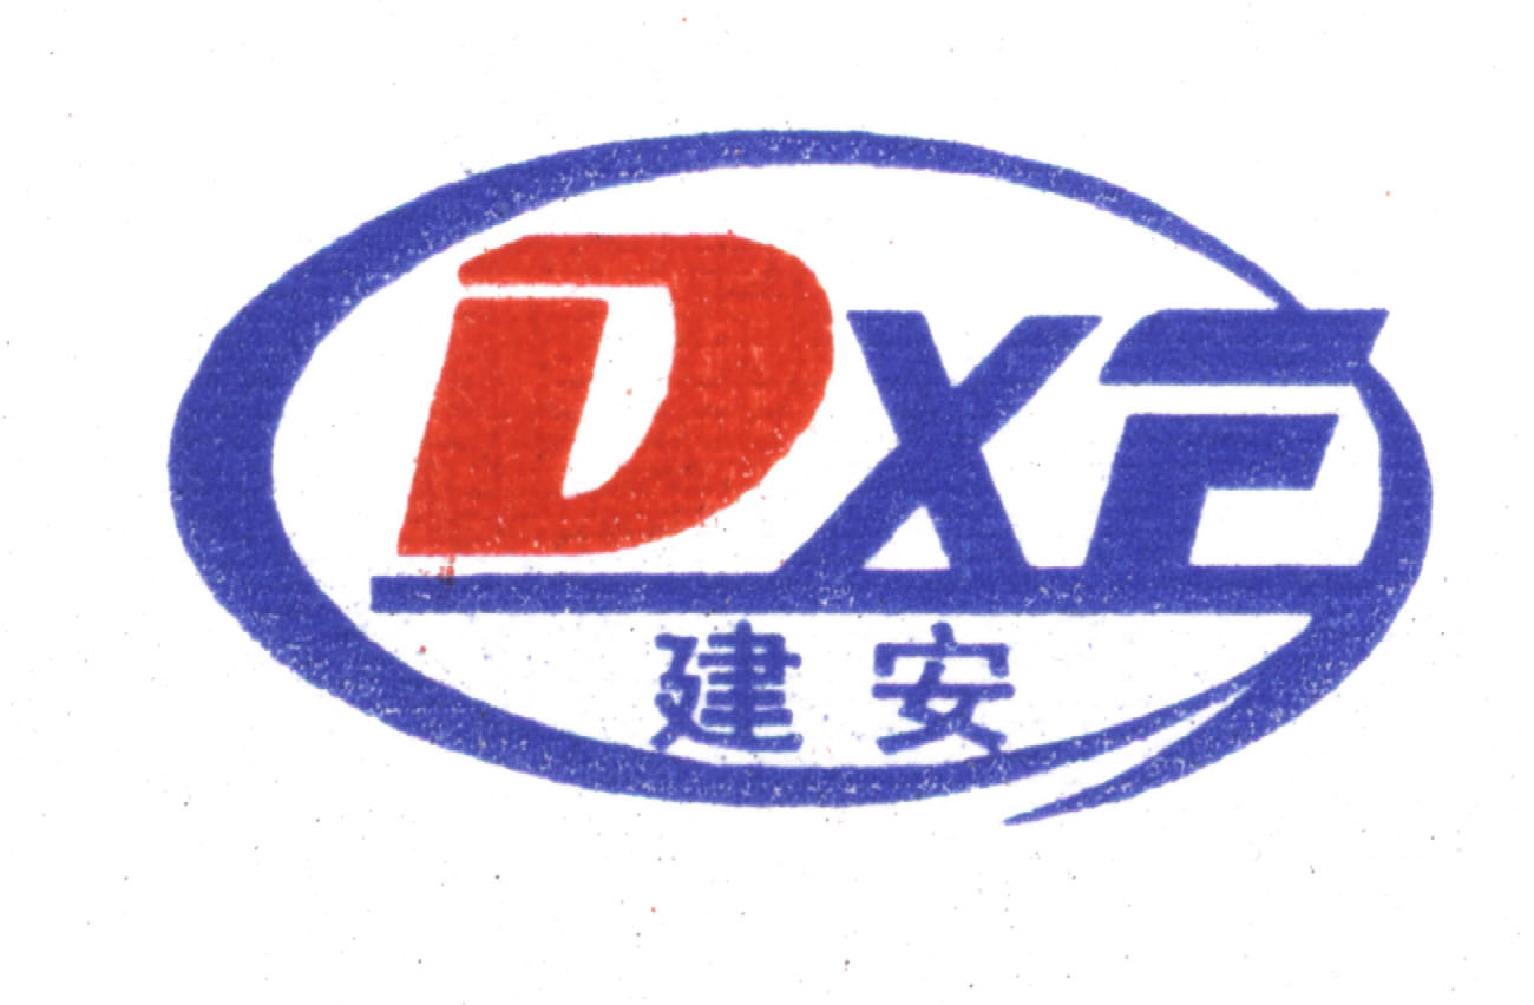 广东建安消防机电工程有限公司东莞分公司